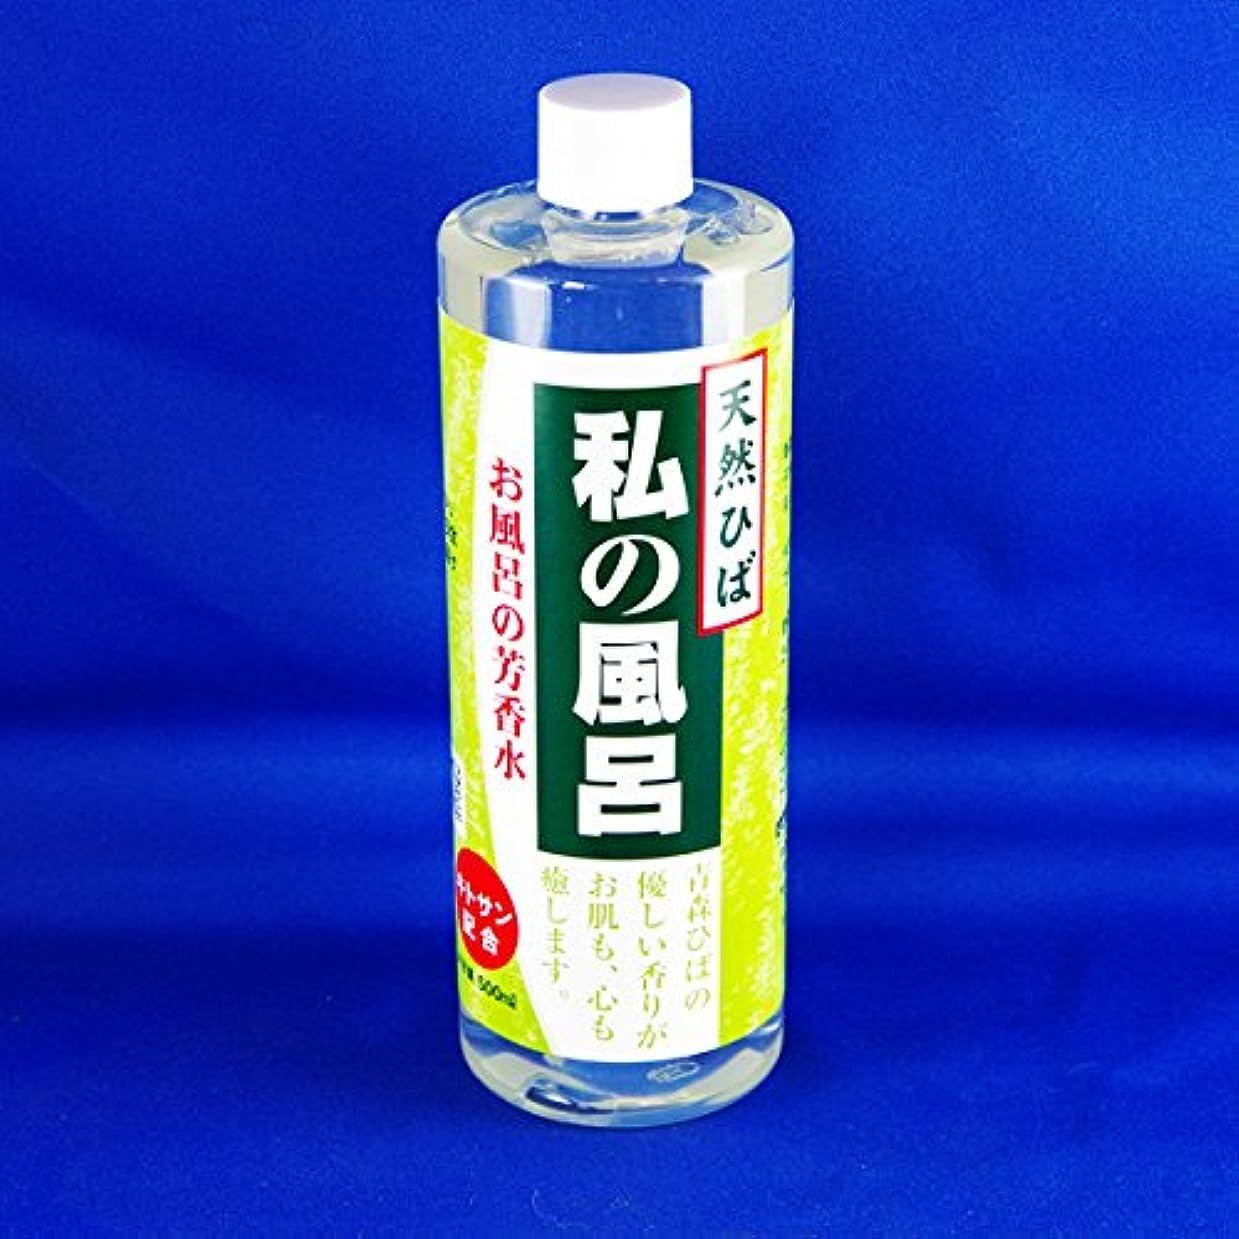 後方にこどもセンター飛行機【入浴剤】青森ひば 私の風呂 500ml(高分子キトサン配合)